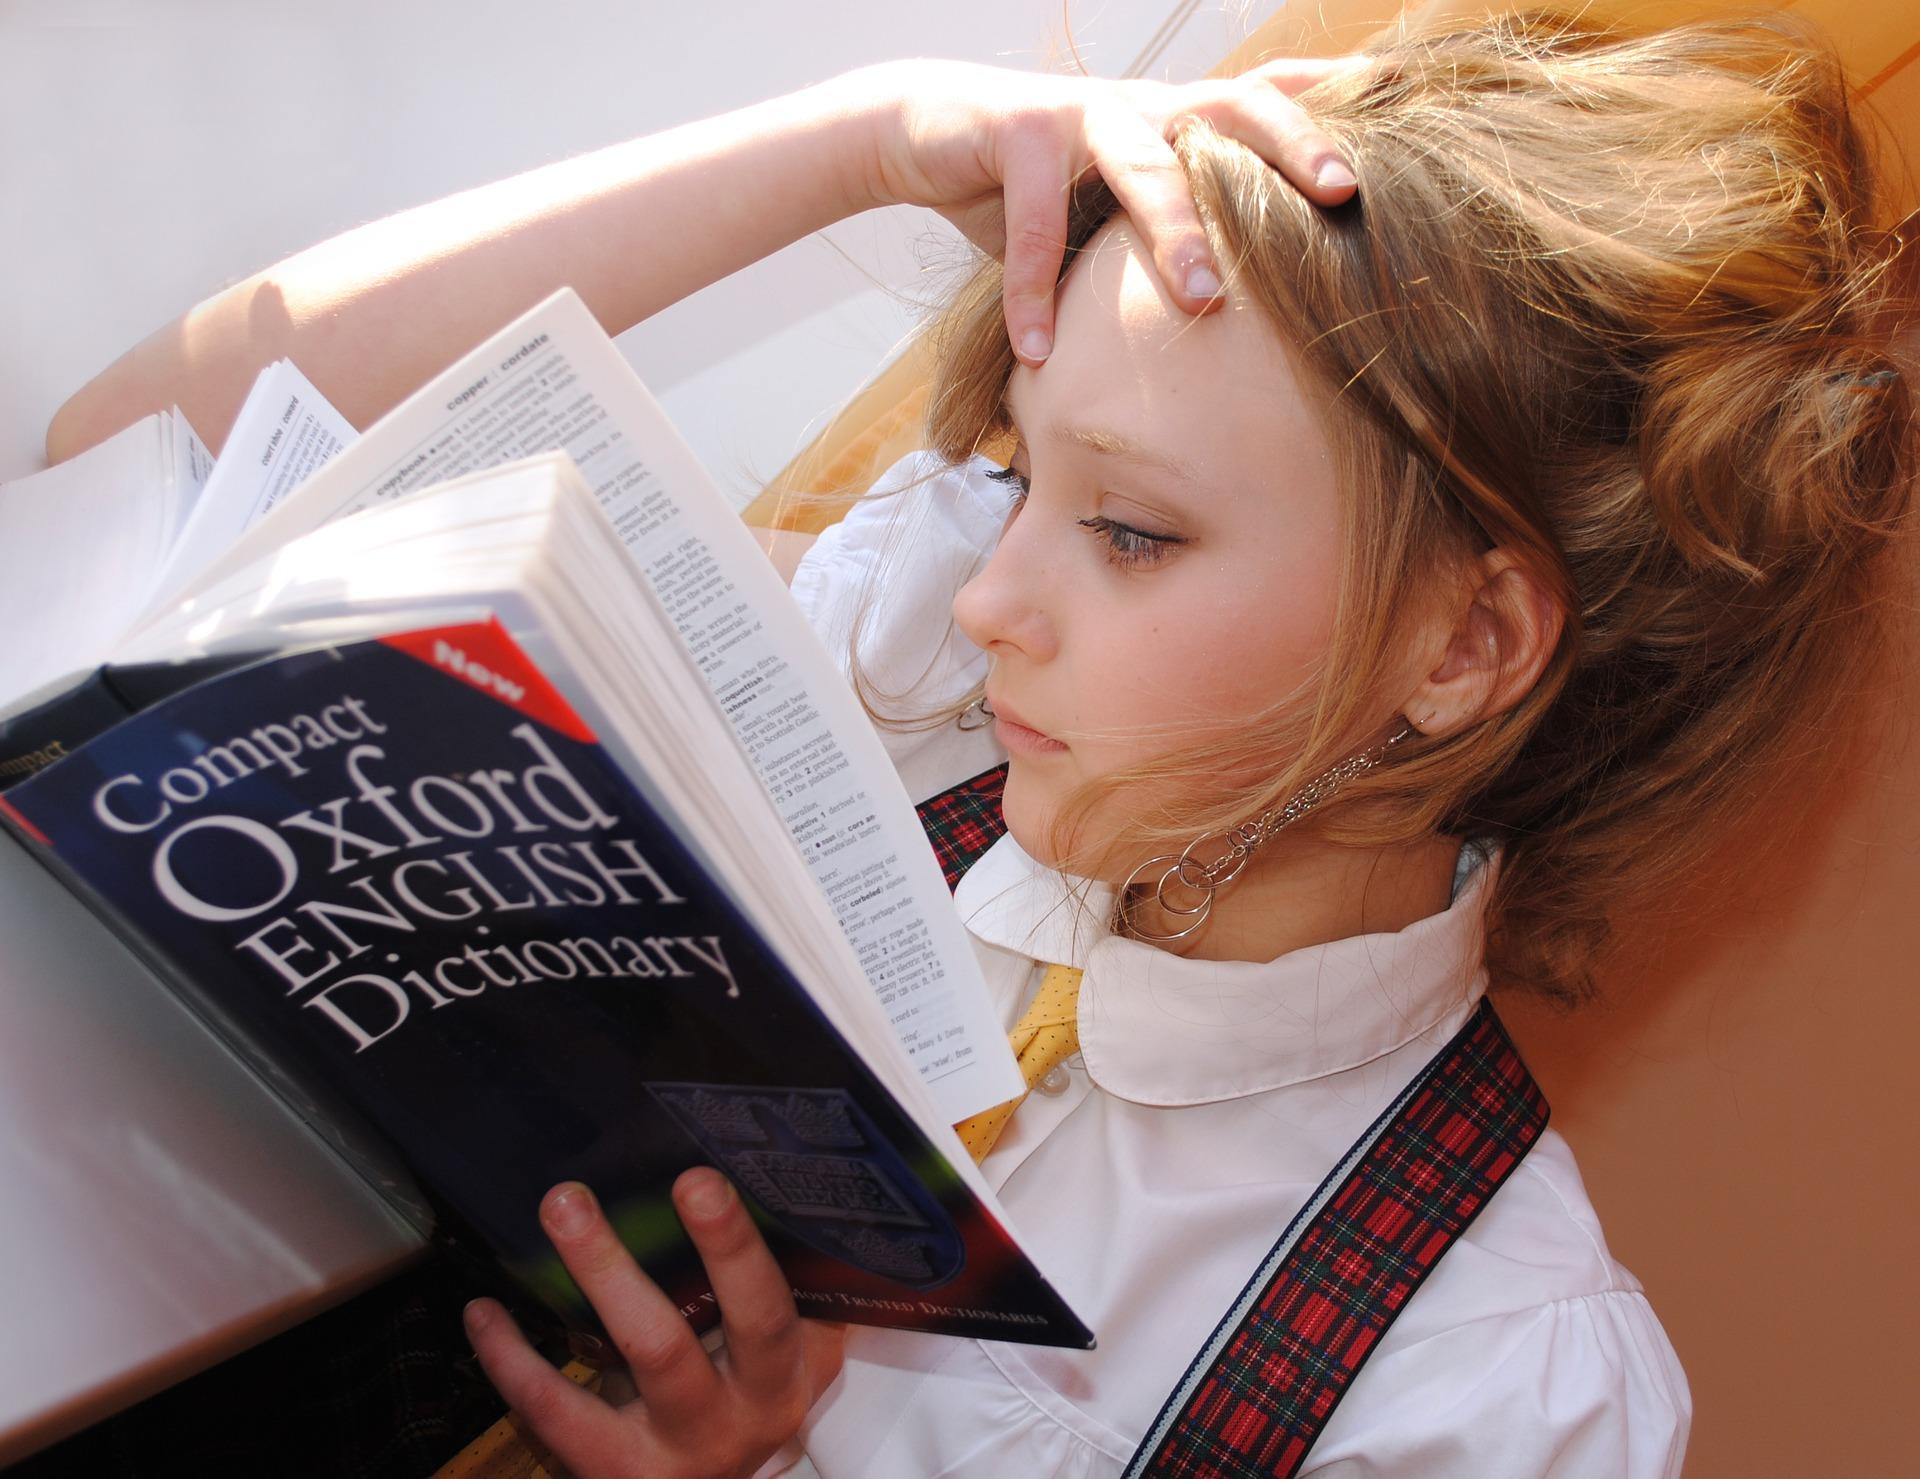 エントリーシートで効果的に英語力をアピールする方法とは?